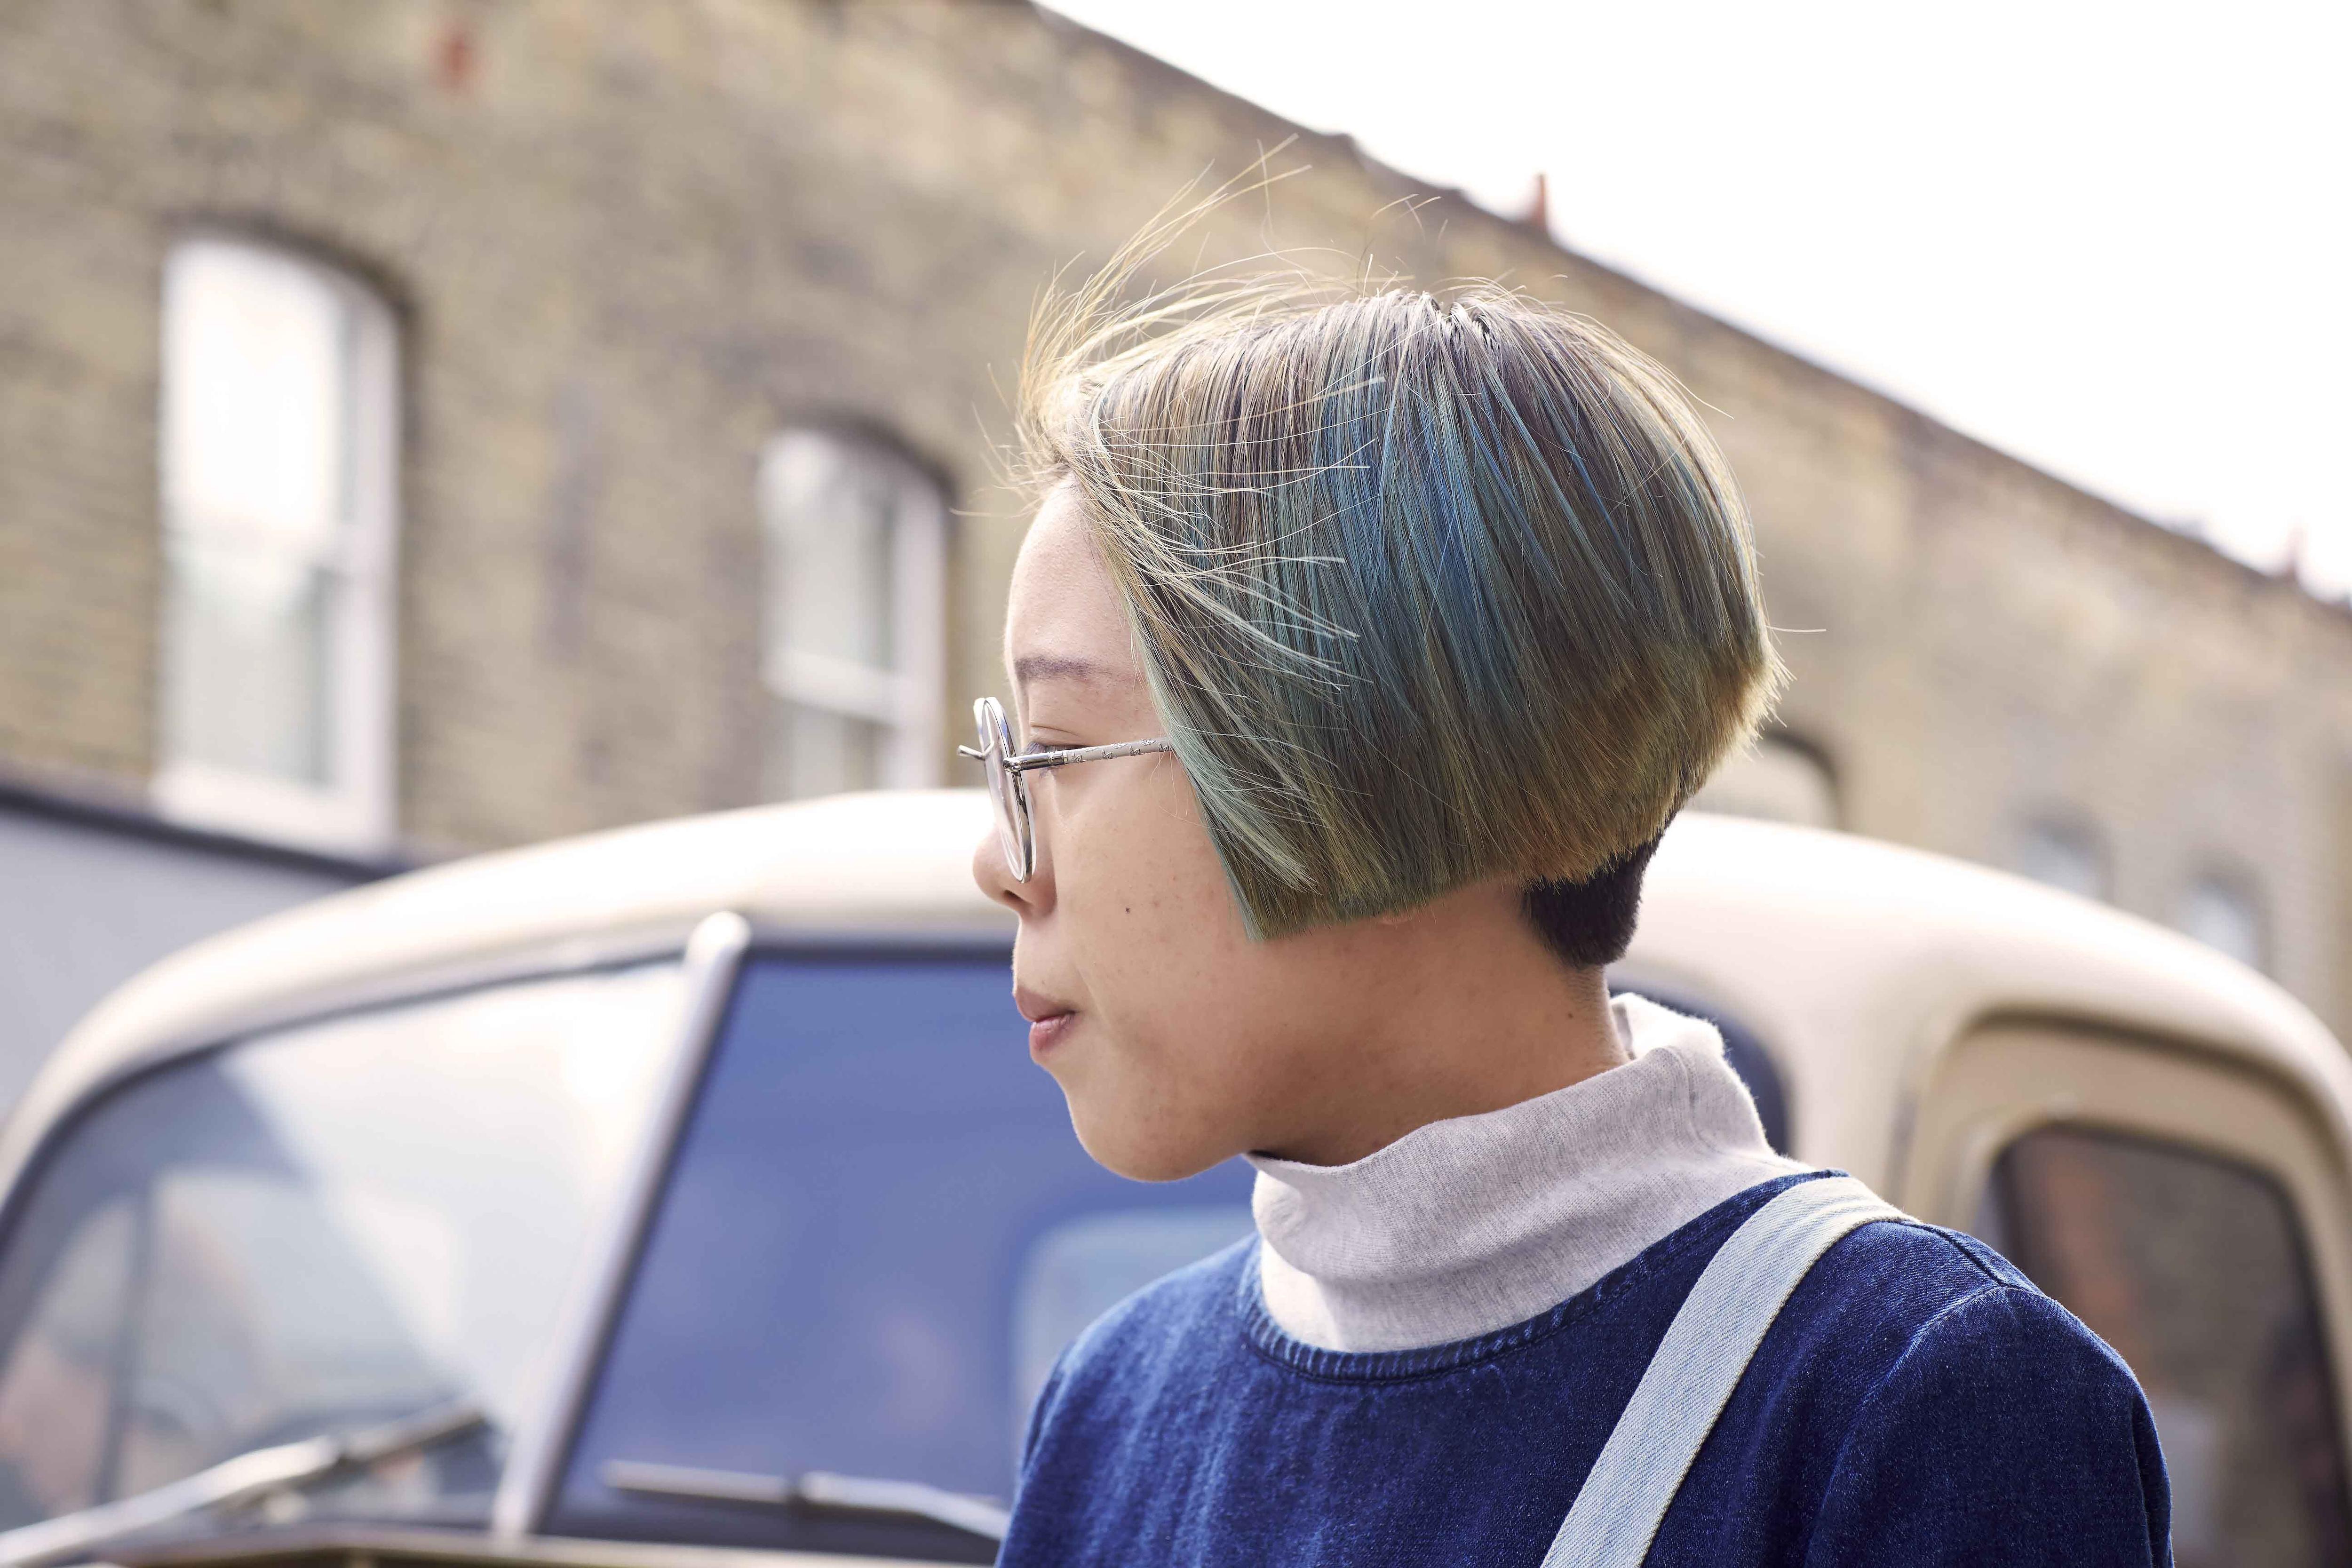 Mulher usa undershave, uma das ideias para os cabelos das asiáticas